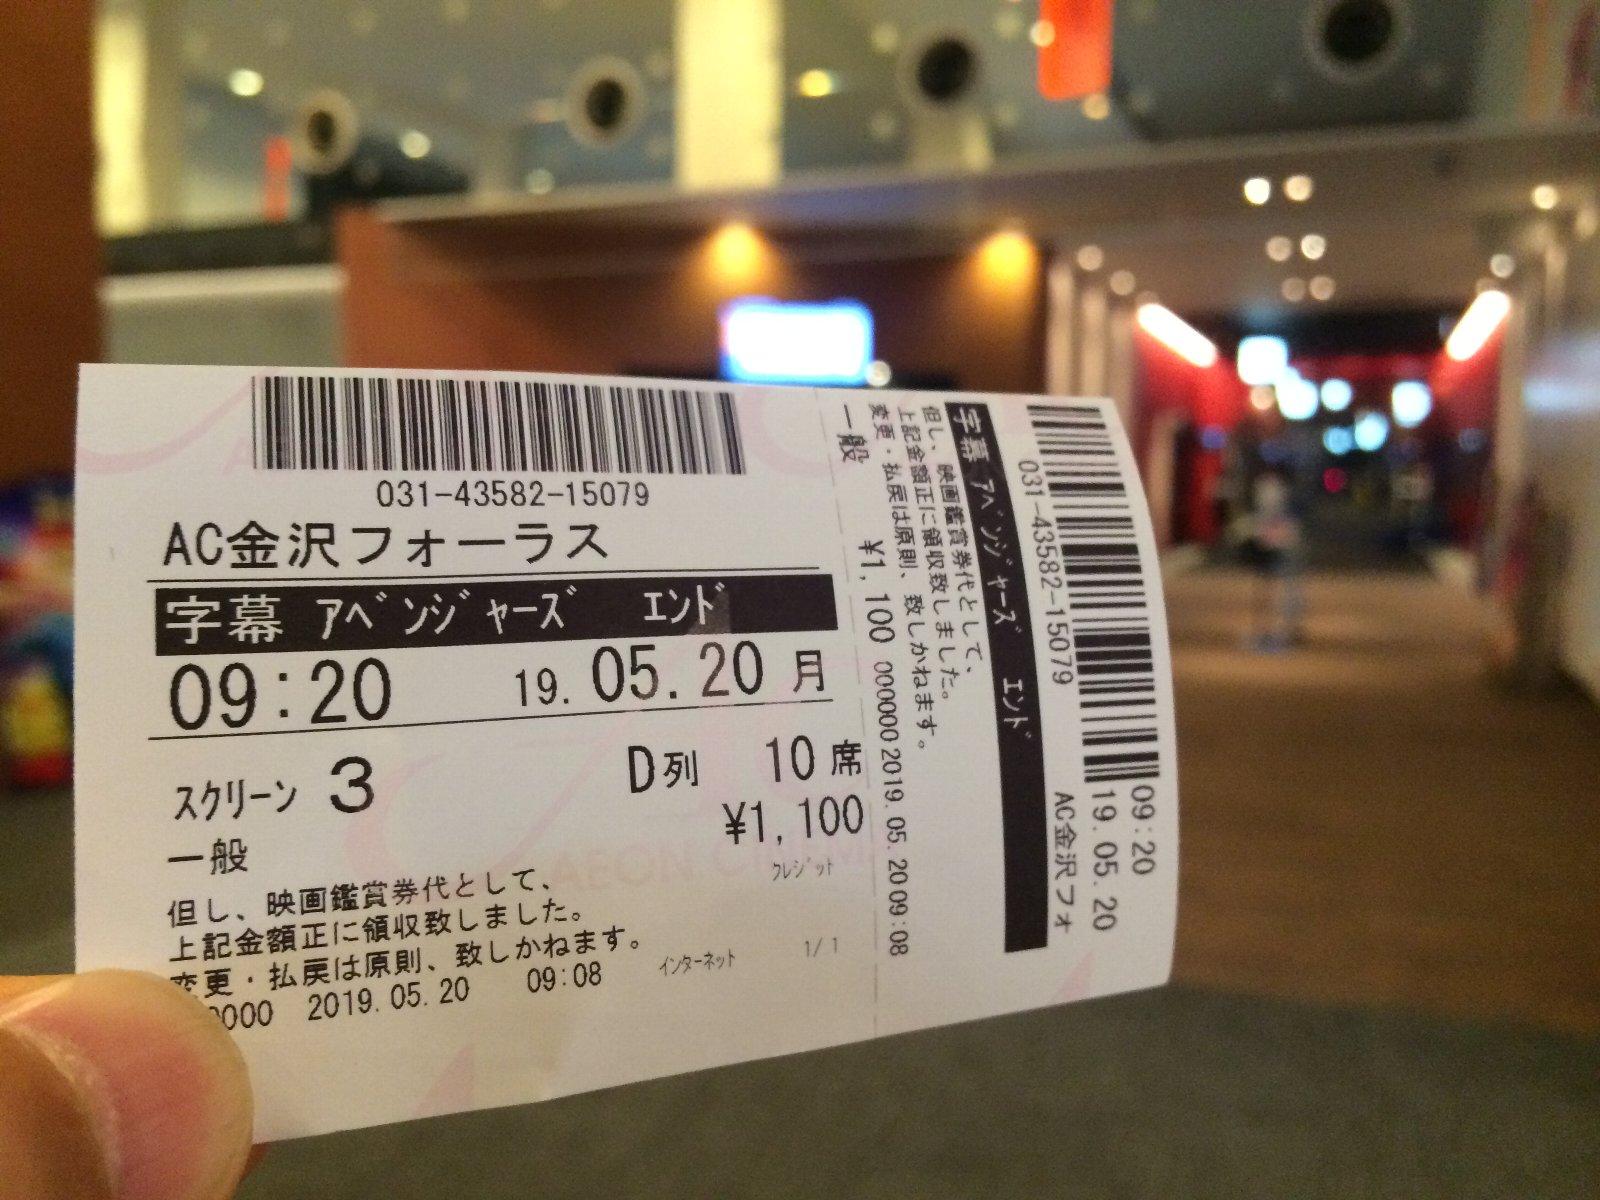 『アベンジャーズ エンドゲーム』チケット